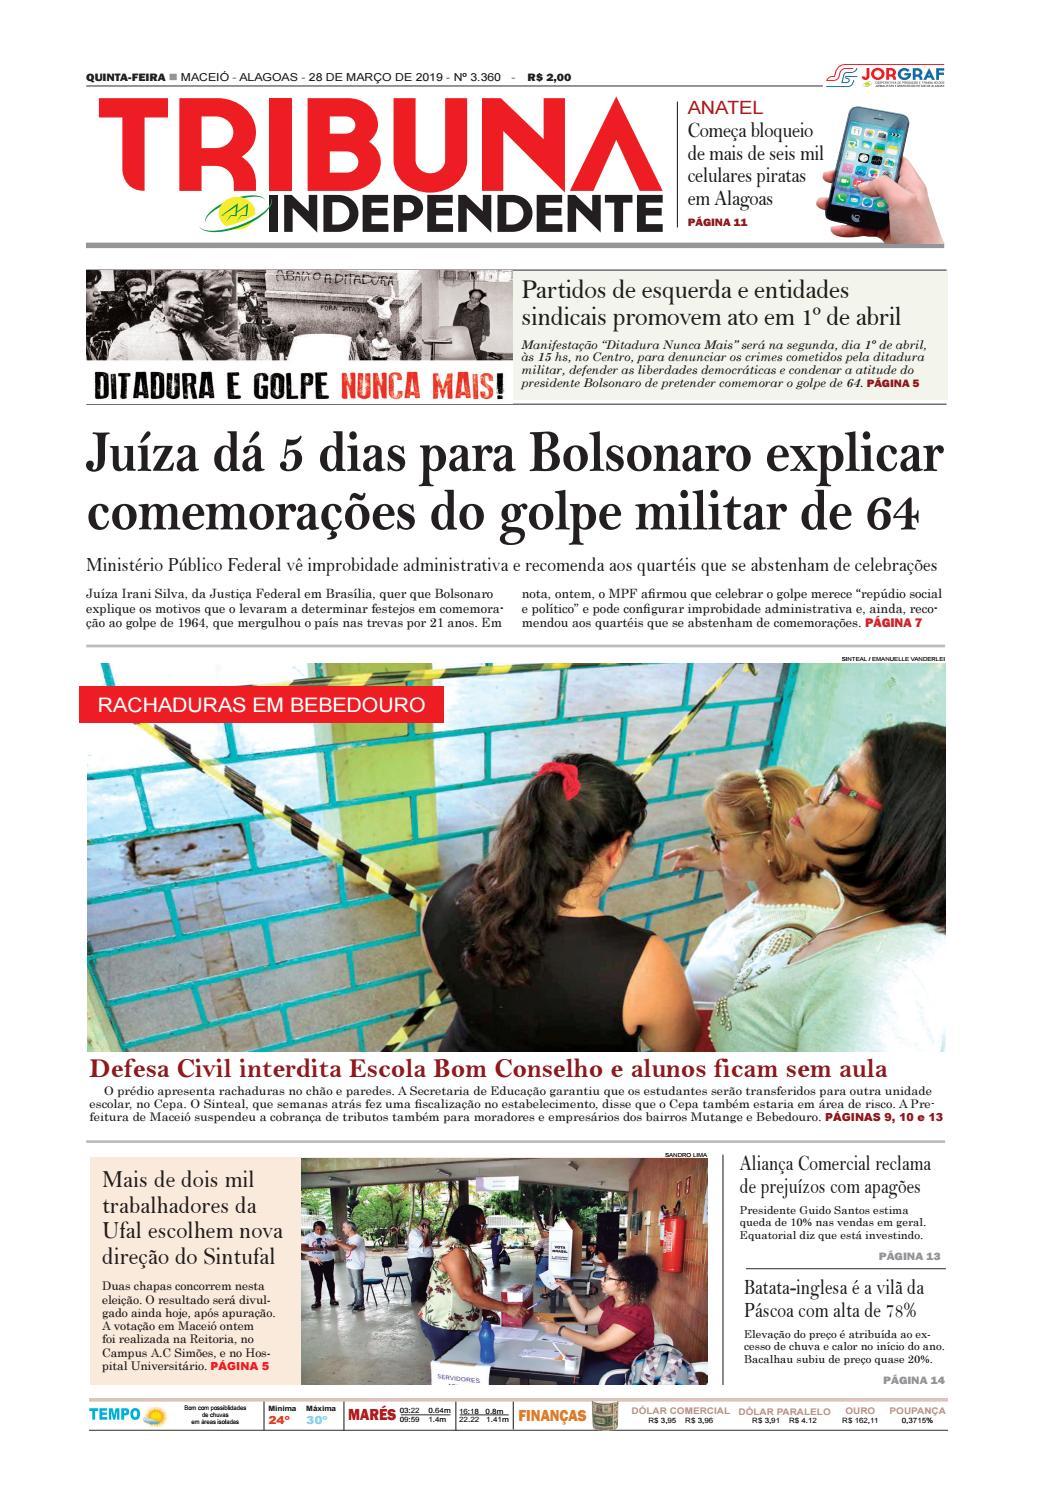 17db25410e4a5 Edição número 3360 – 28 de março de 2019 by Tribuna Hoje - issuu